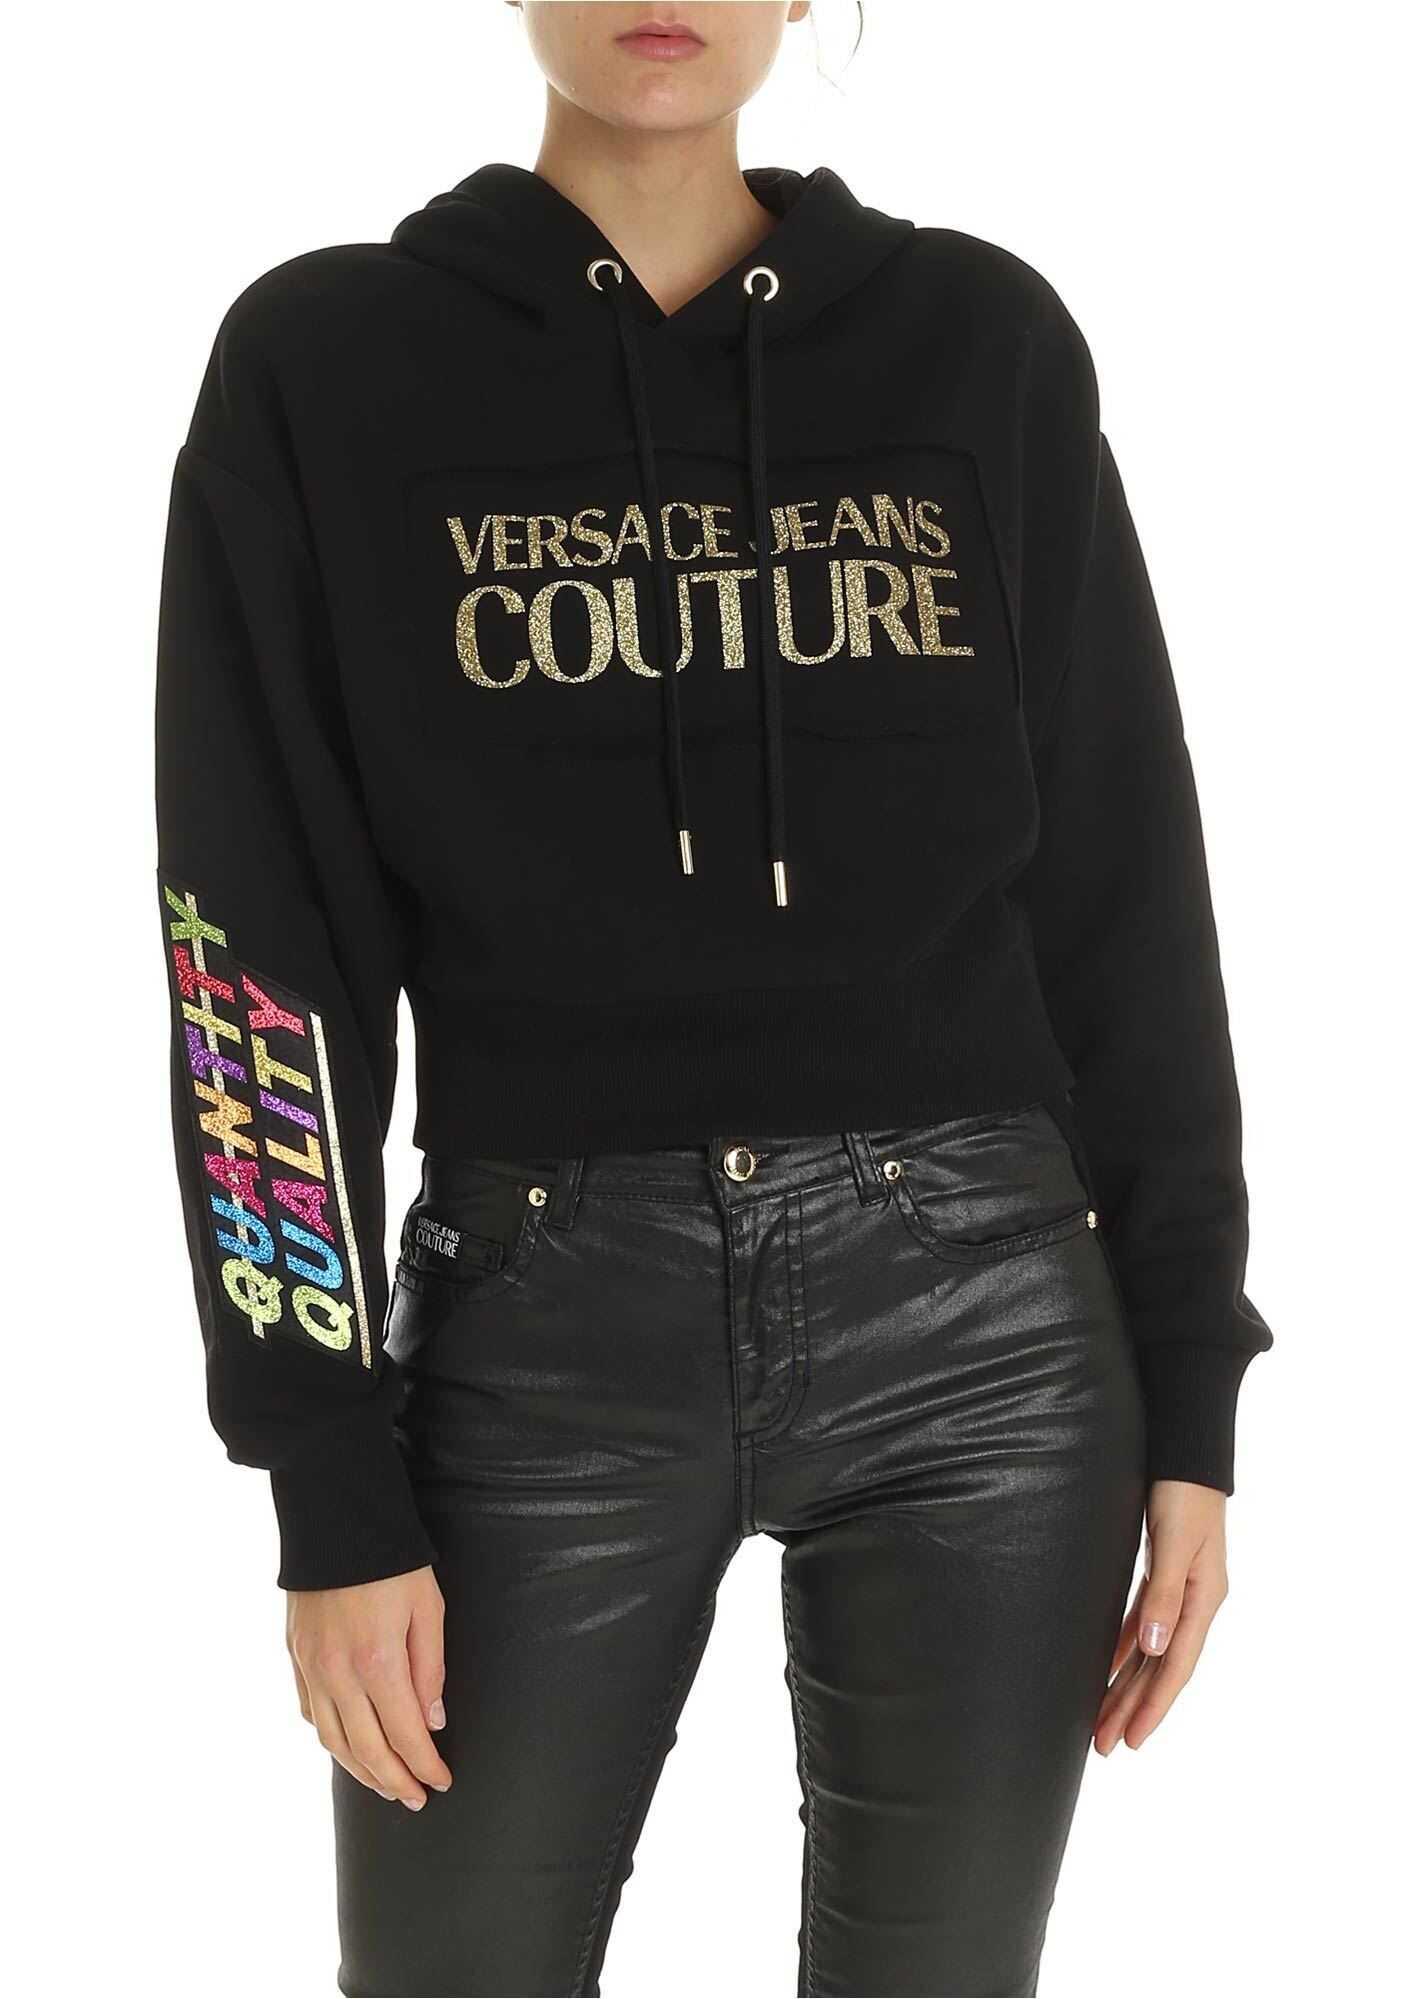 Versace Versace Jeans Couture Crop Black Sweatshirt Black